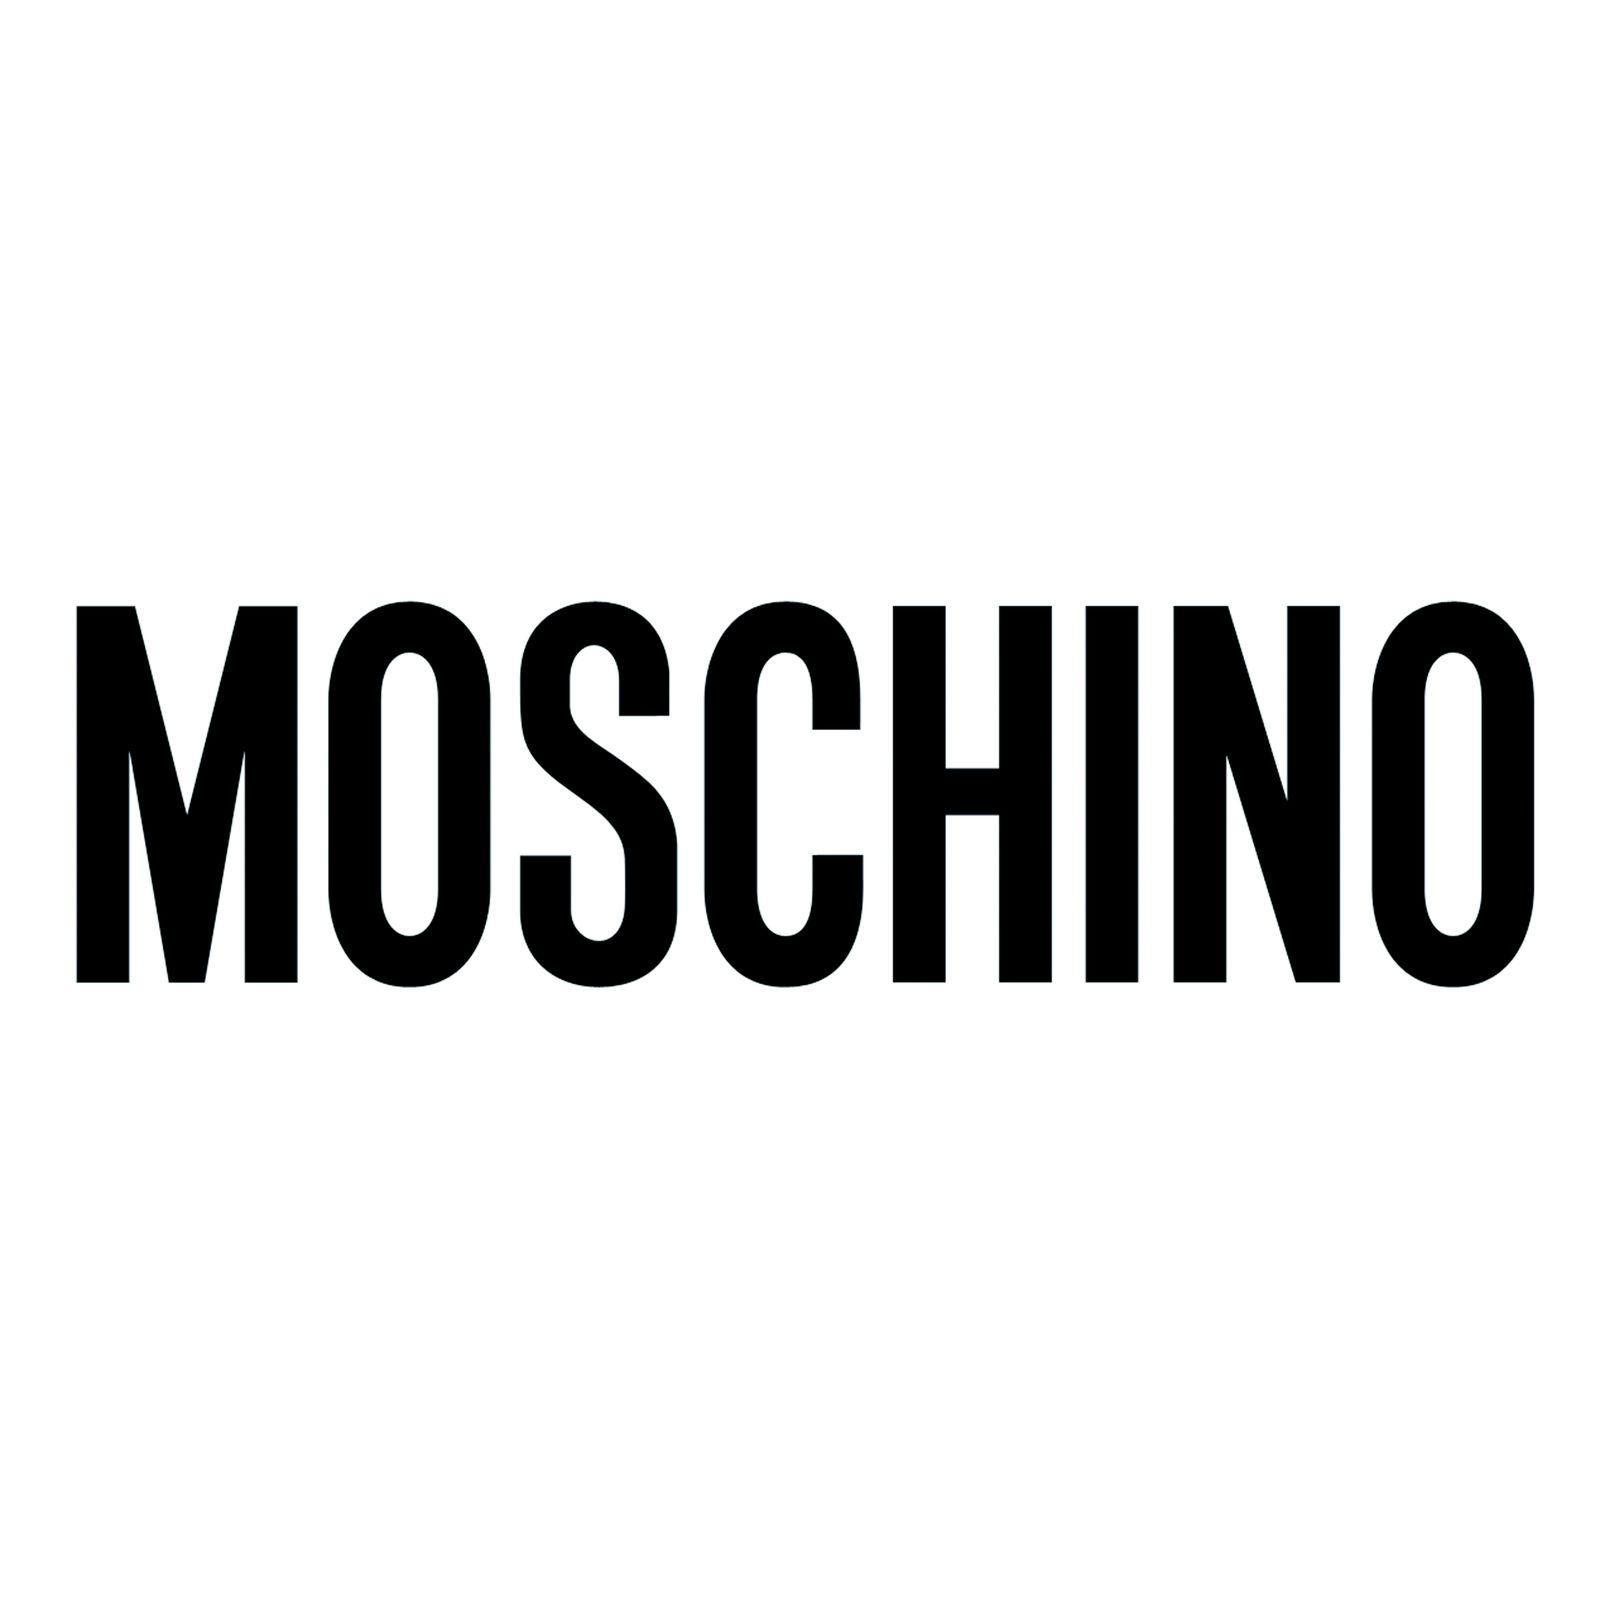 MOSCHINO (Image 1)